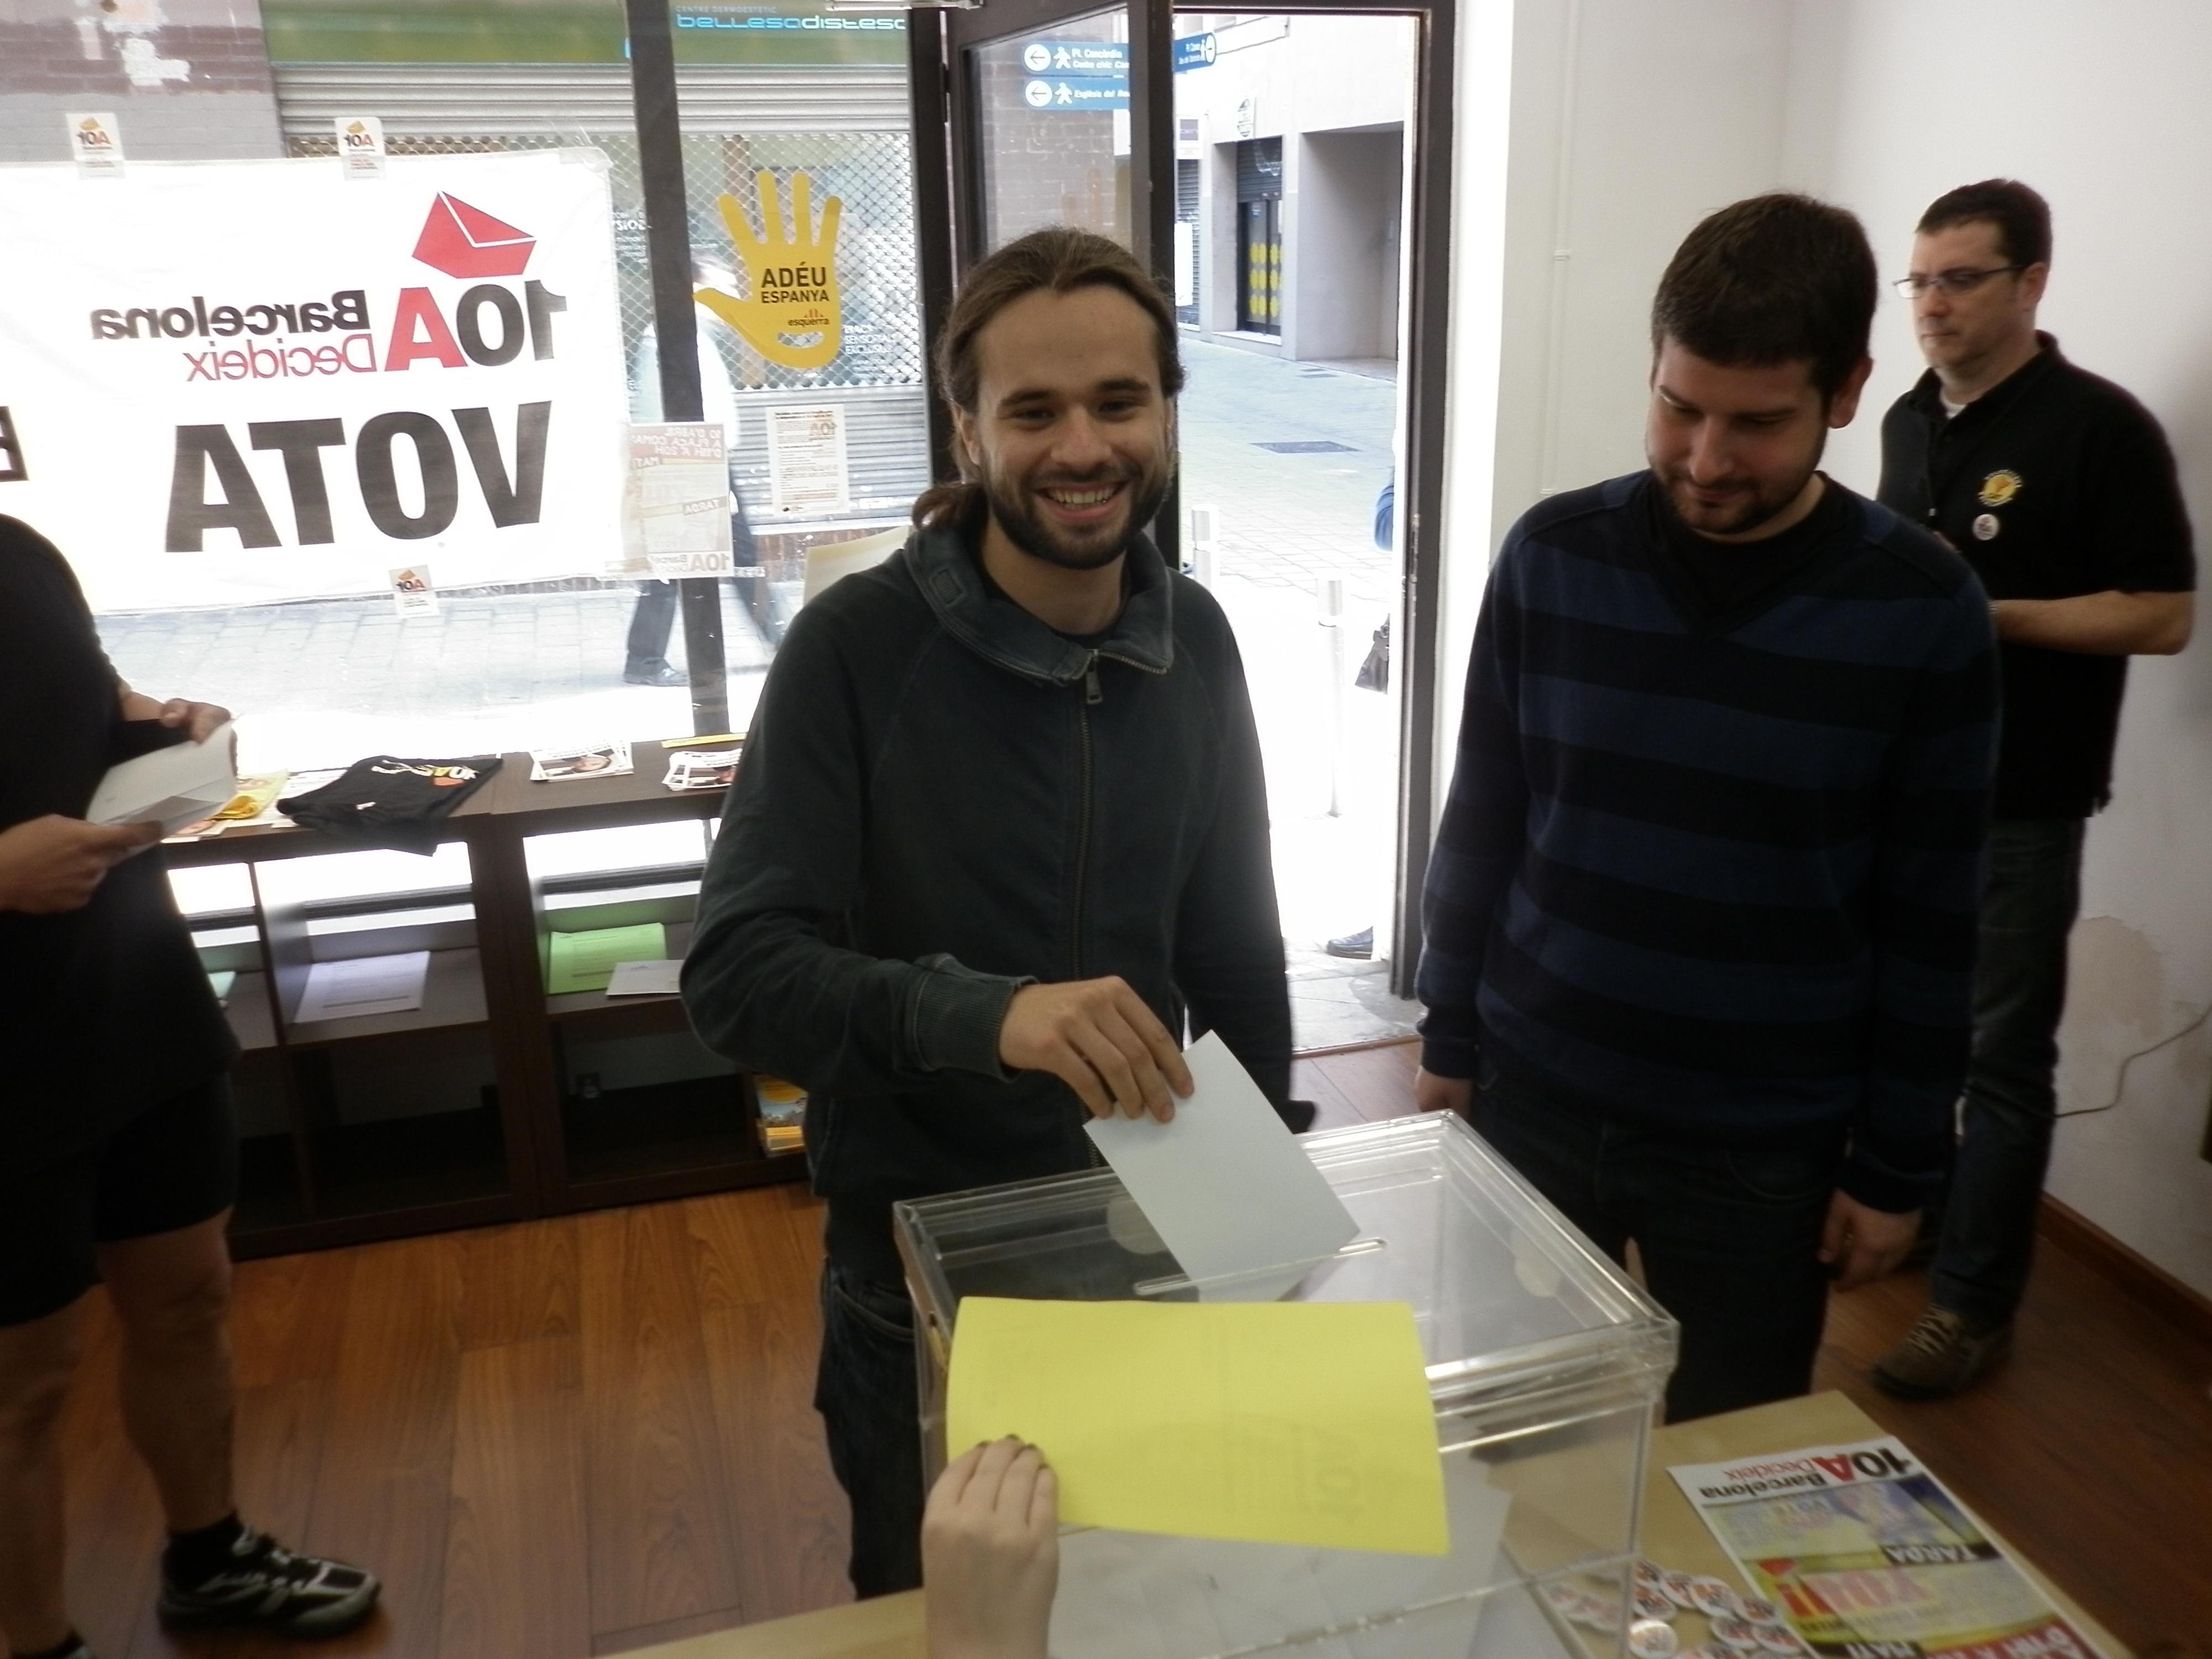 Gerard Gómez del Moral i Jordi Castellana -de dreta a esquerra- votant a la consulta